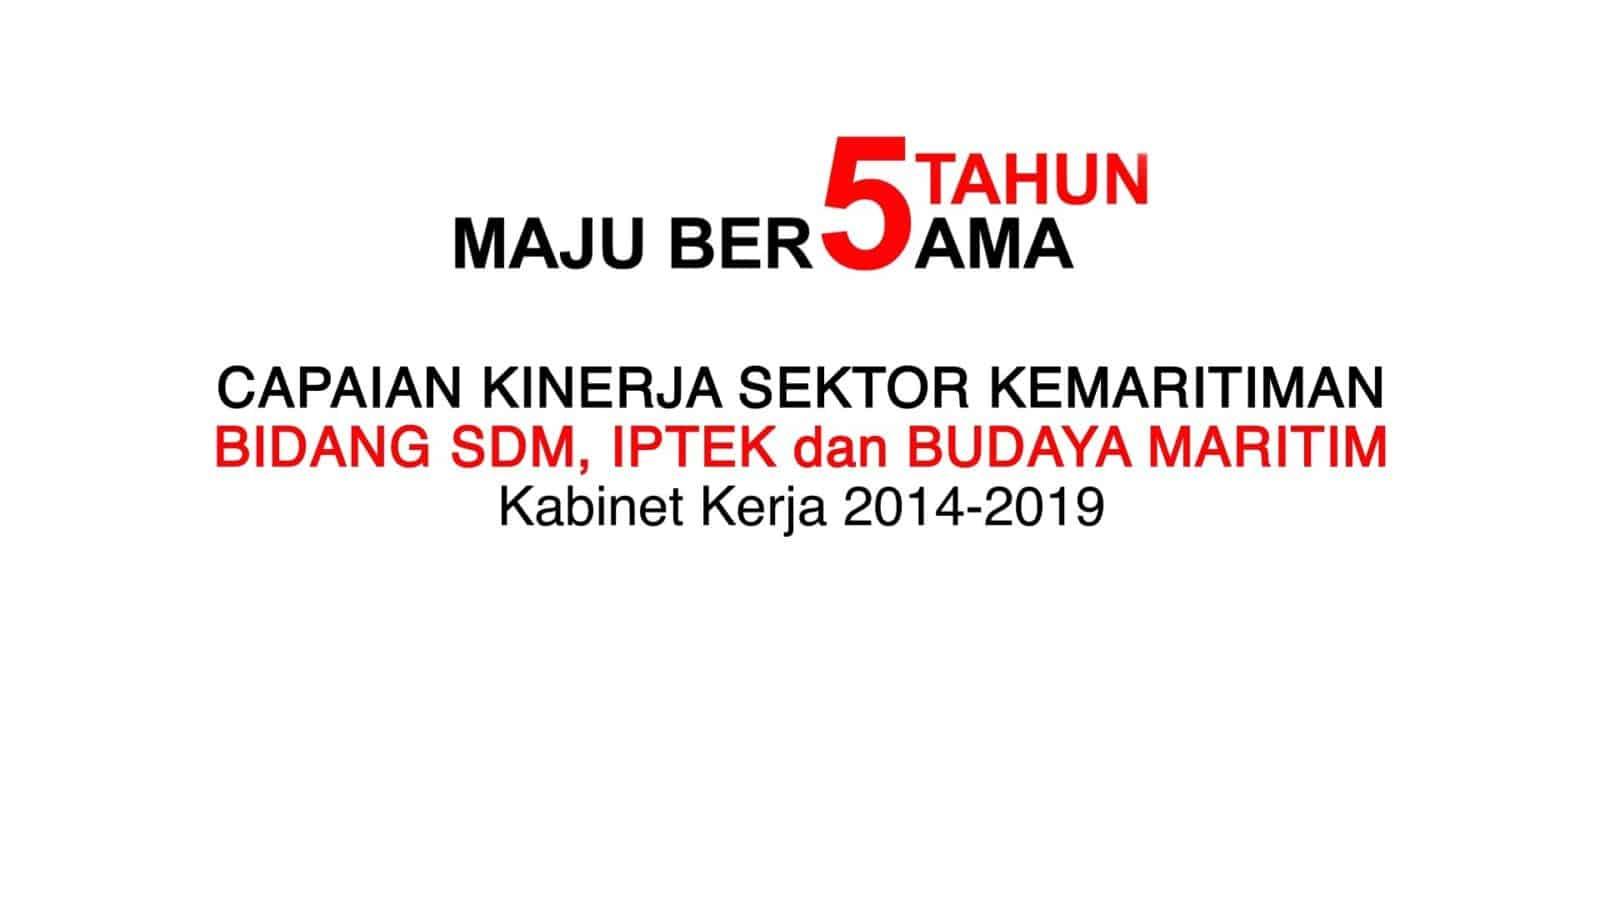 Capaian Kinerja Sektor Kemaritiman Bidang Koordinasi SDM, IPTEK dan Budaya Maritim – Kabinet Kerja 2014-2019